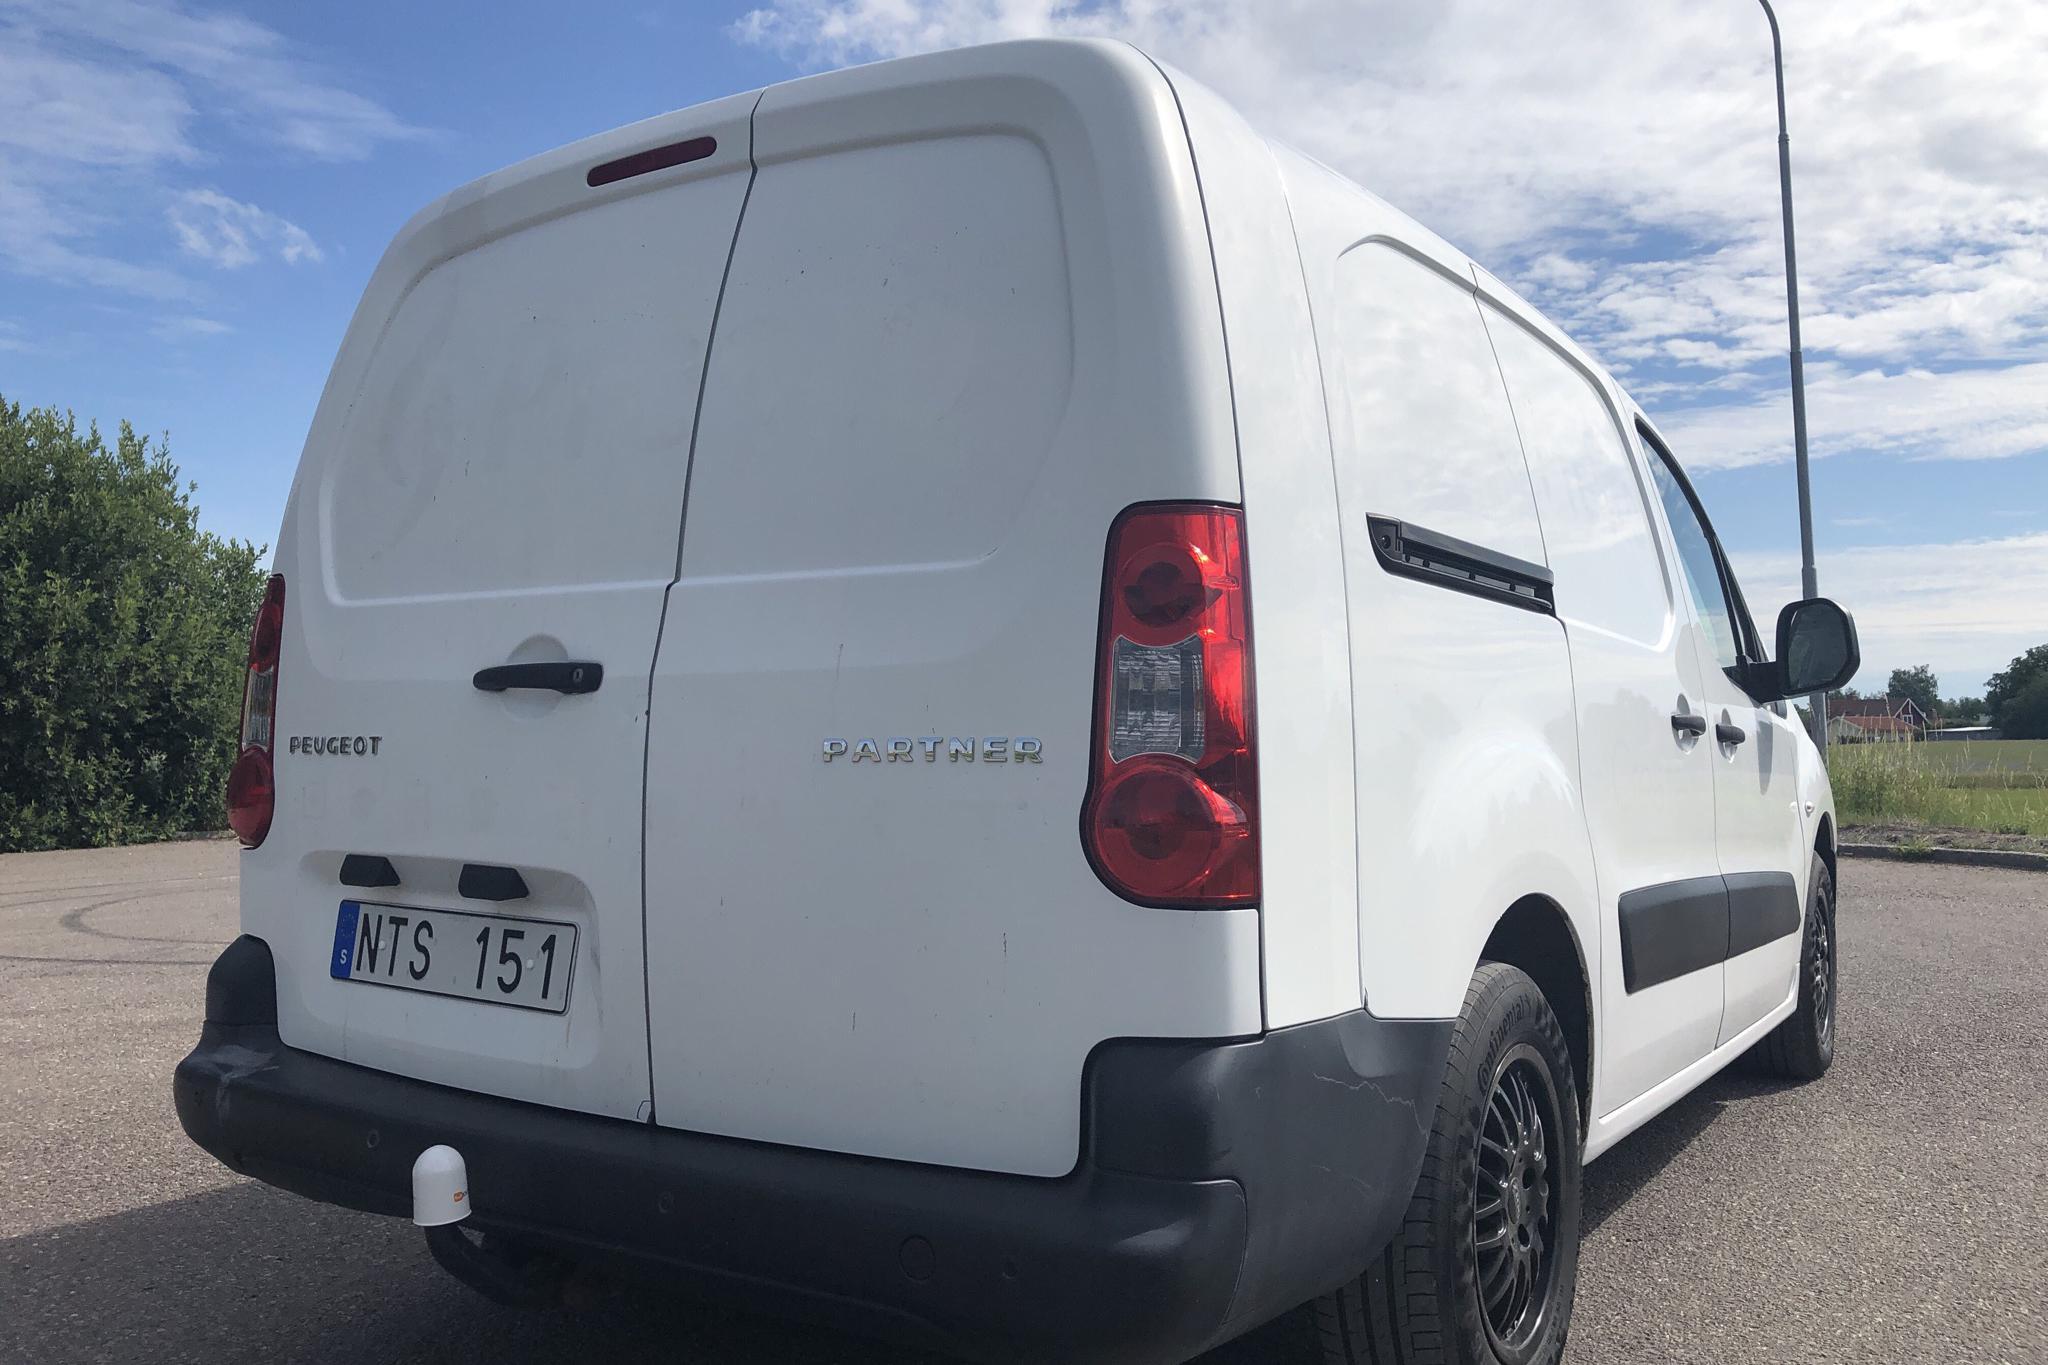 Peugeot Partner 1.6 HDI Skåp (90hk) - 13 623 mil - Manuell - vit - 2011